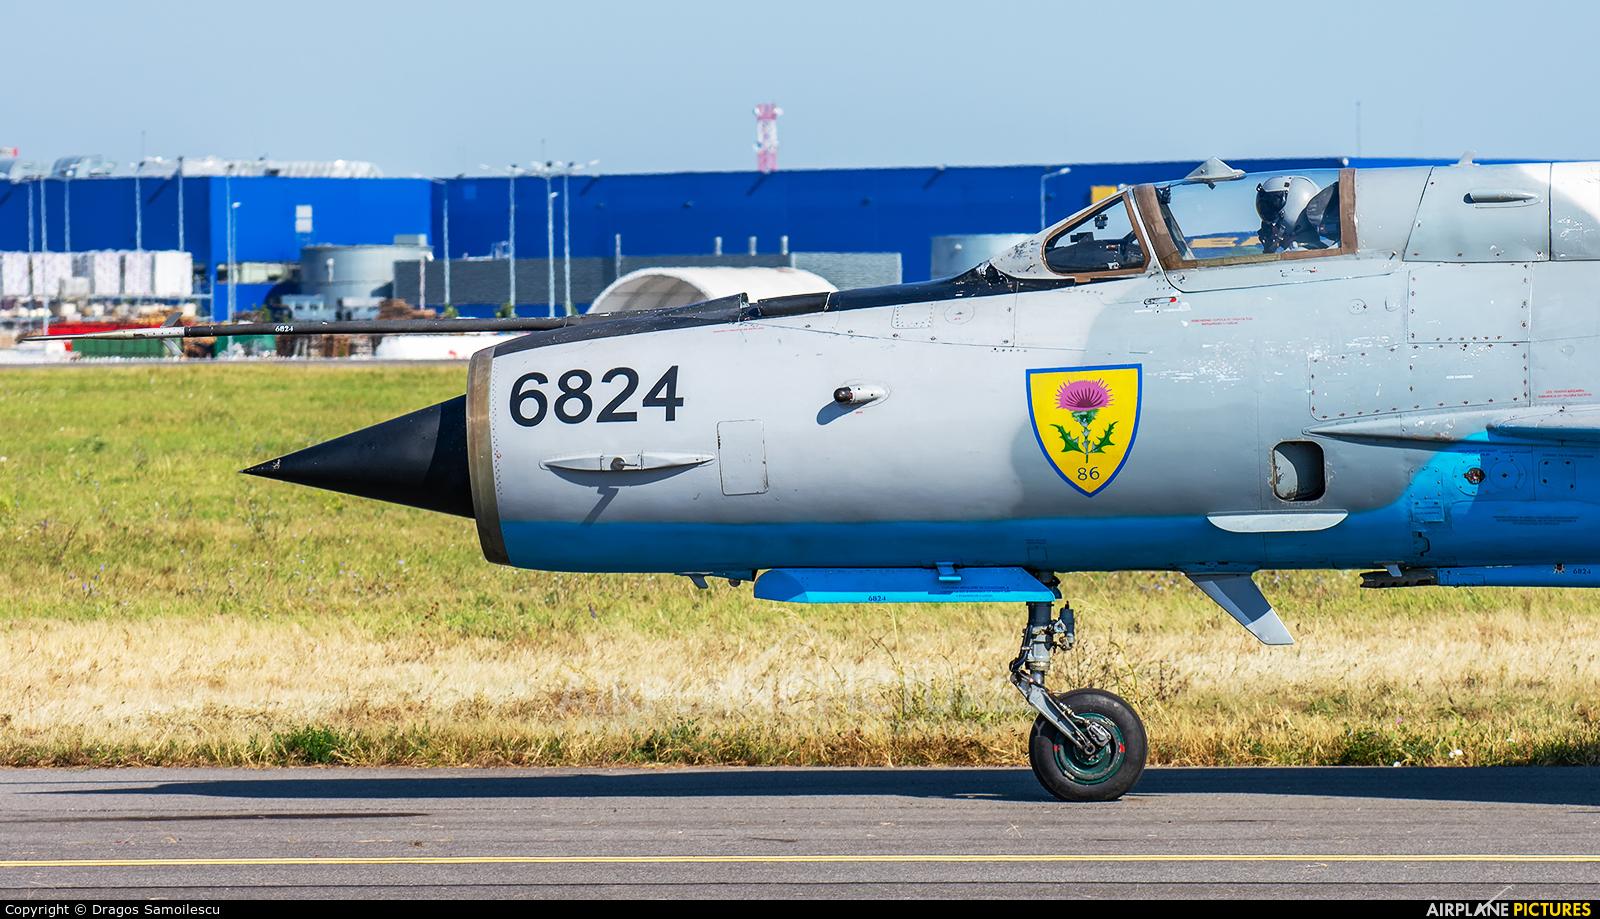 Romania - Air Force 6824 aircraft at Bucharest - Aurel Vlaicu Intl